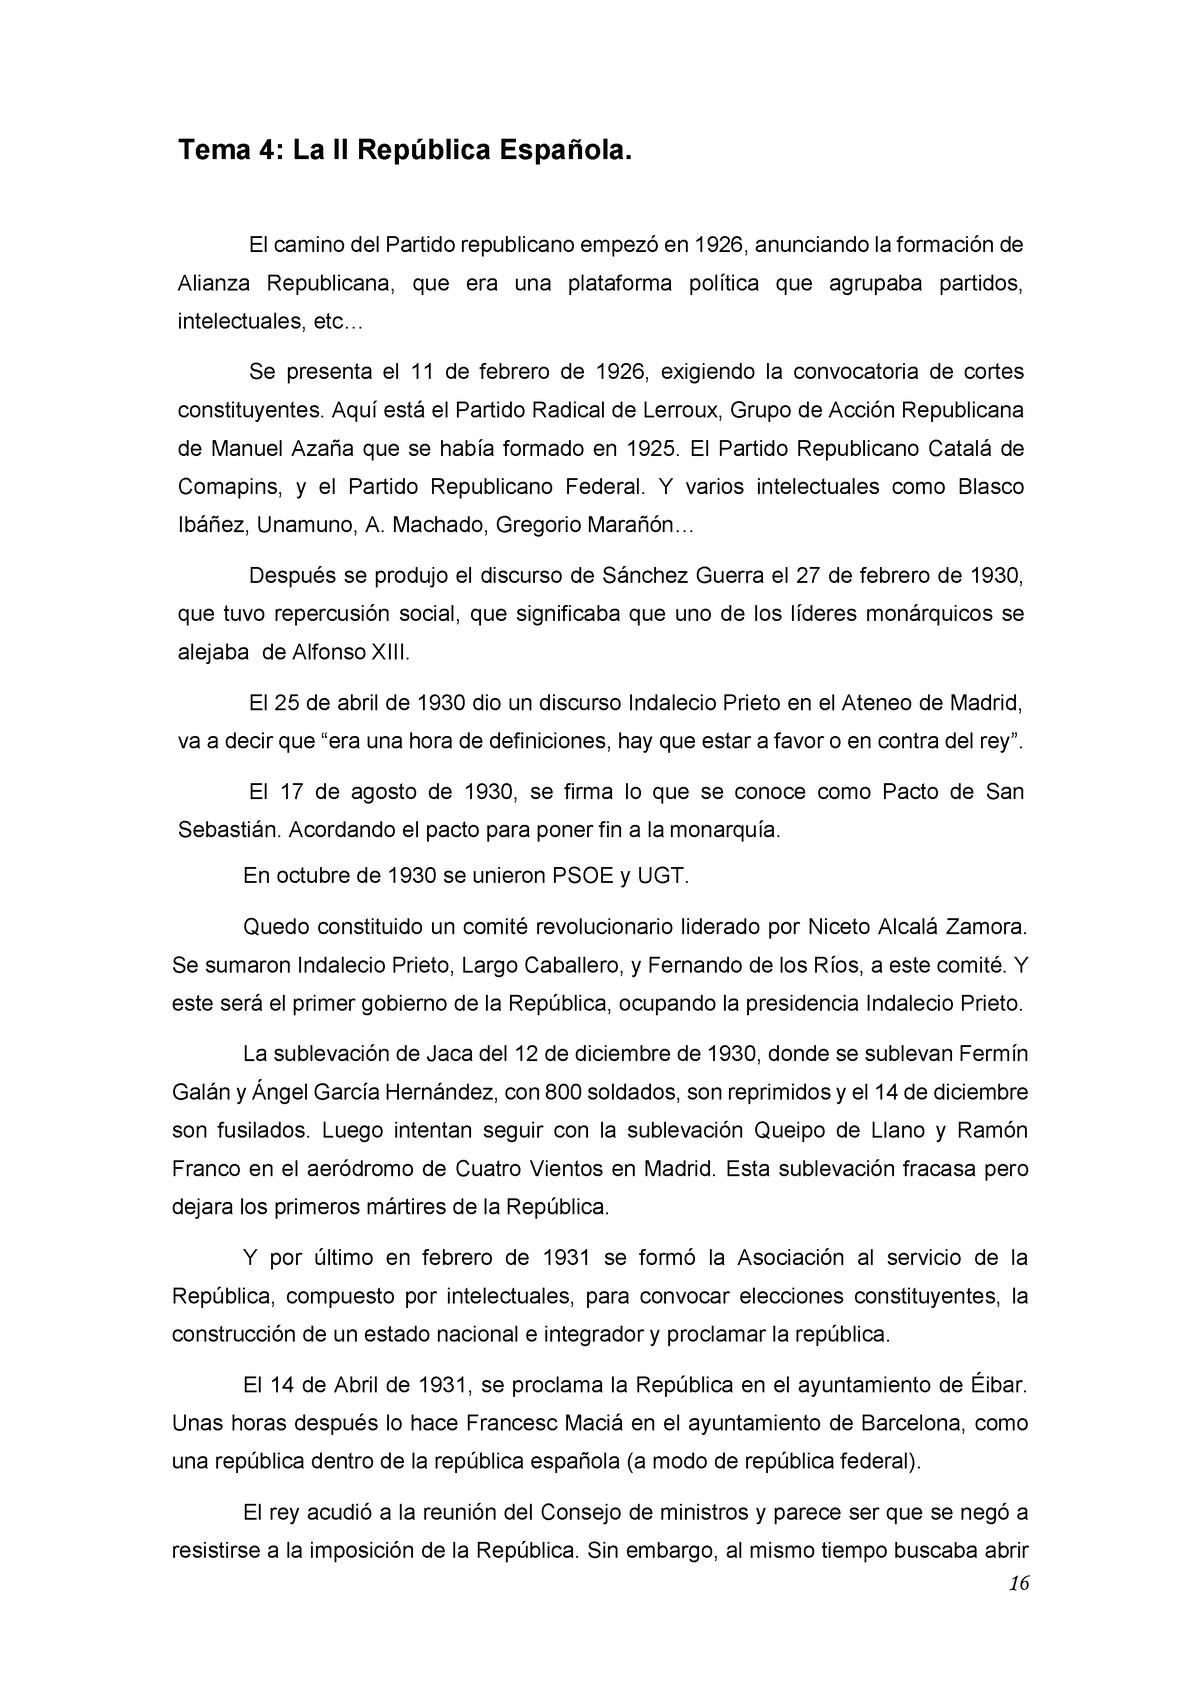 Tema 4 - La II República Española - 66224: España